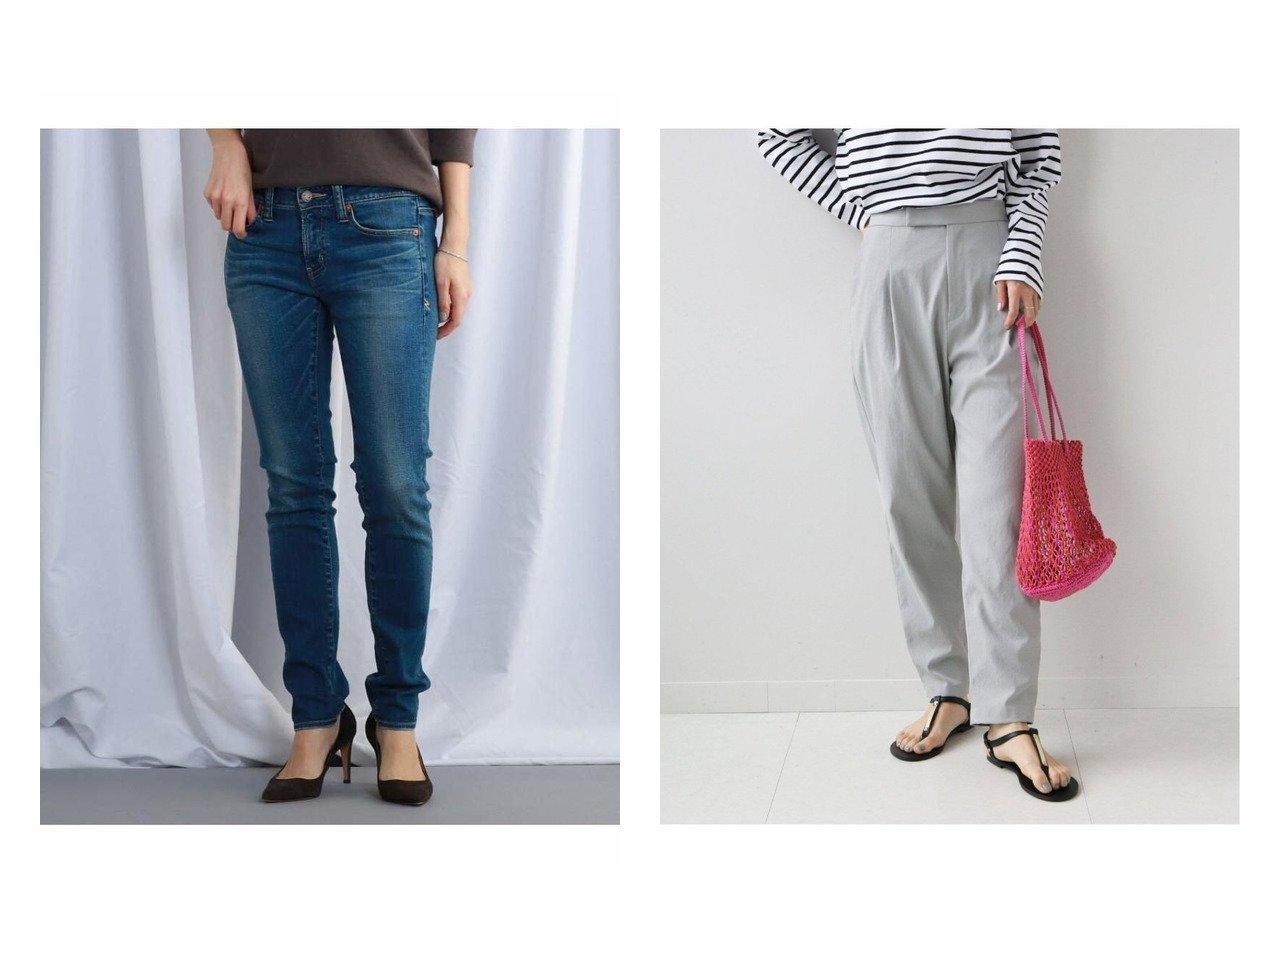 【JET/ジェット】のSANTA MONICA スリムフィットデニム&【JOURNAL STANDARD relume/ジャーナルスタンダード レリューム】のALTORITMOテーパードパンツ 【パンツ】おすすめ!人気、トレンド・レディースファッションの通販 おすすめで人気の流行・トレンド、ファッションの通販商品 インテリア・家具・メンズファッション・キッズファッション・レディースファッション・服の通販 founy(ファニー) https://founy.com/ ファッション Fashion レディースファッション WOMEN パンツ Pants ジーンズ ストレッチ デニム フィット 2021年 2021 2021春夏・S/S SS/Spring/Summer/2021 S/S・春夏 SS・Spring/Summer トレンド ベーシック 吸水  ID:crp329100000043933